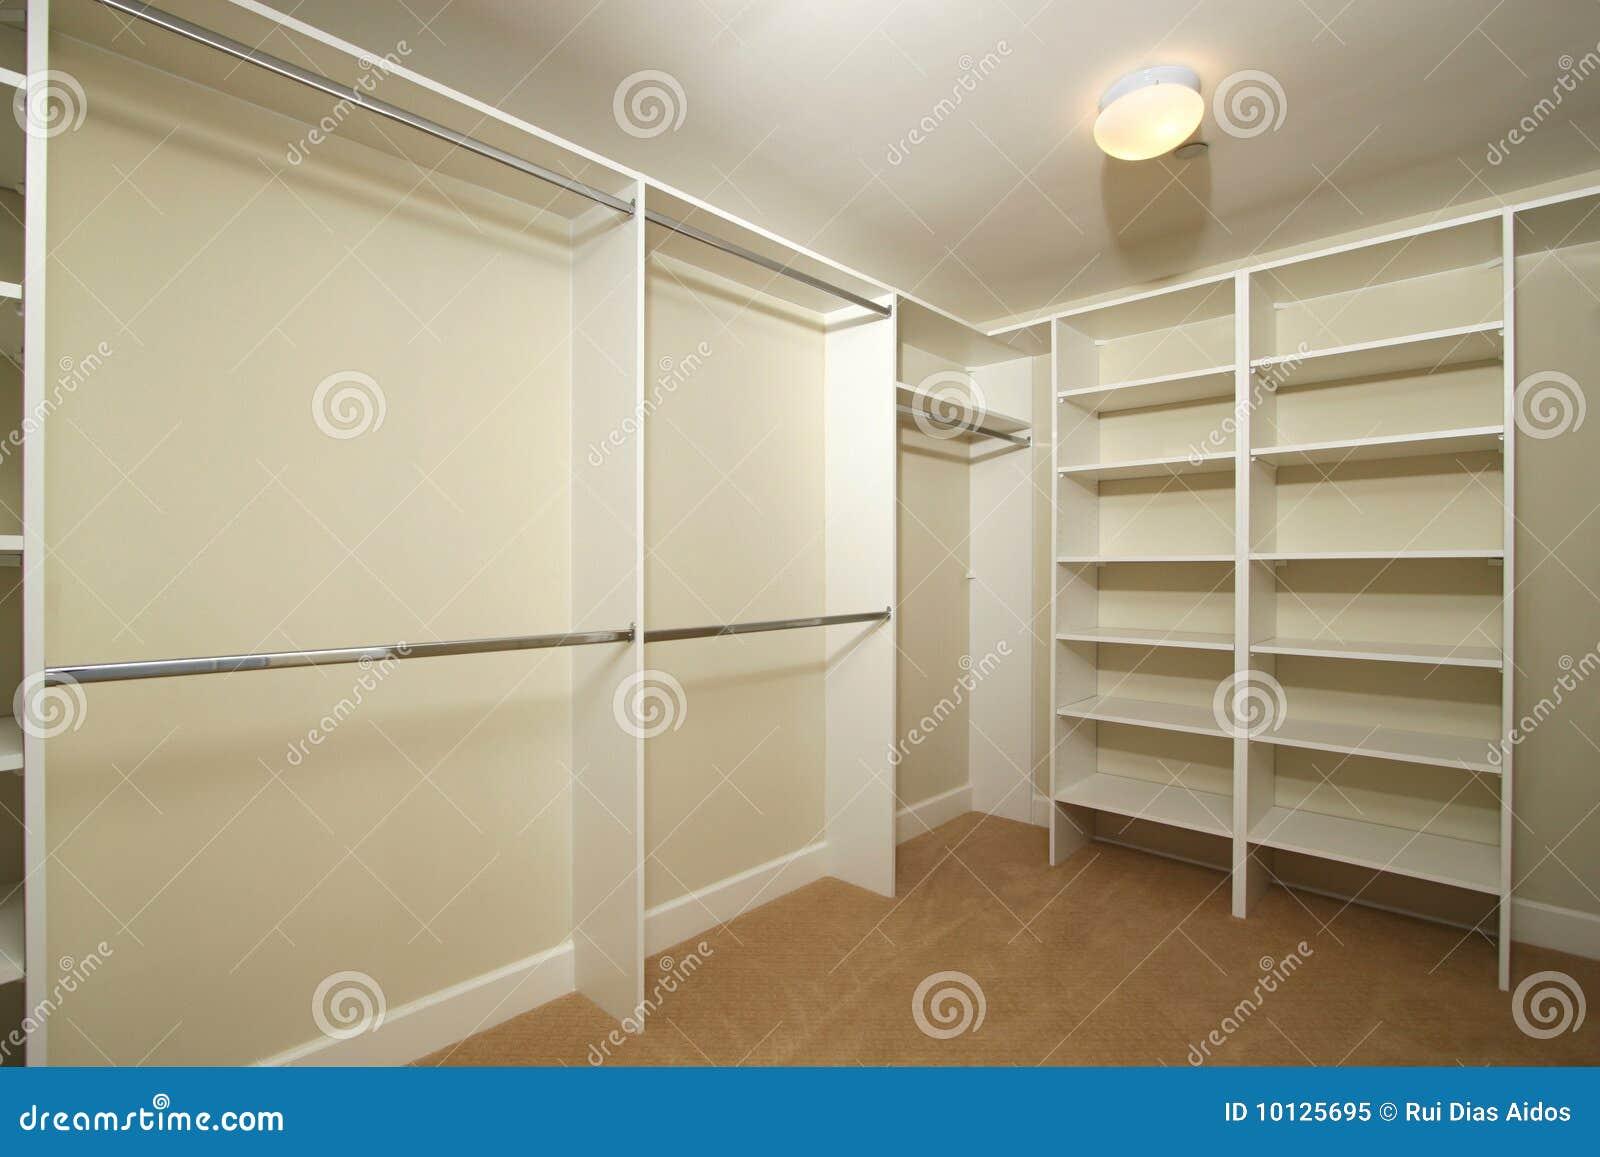 空白壁橱结构图片